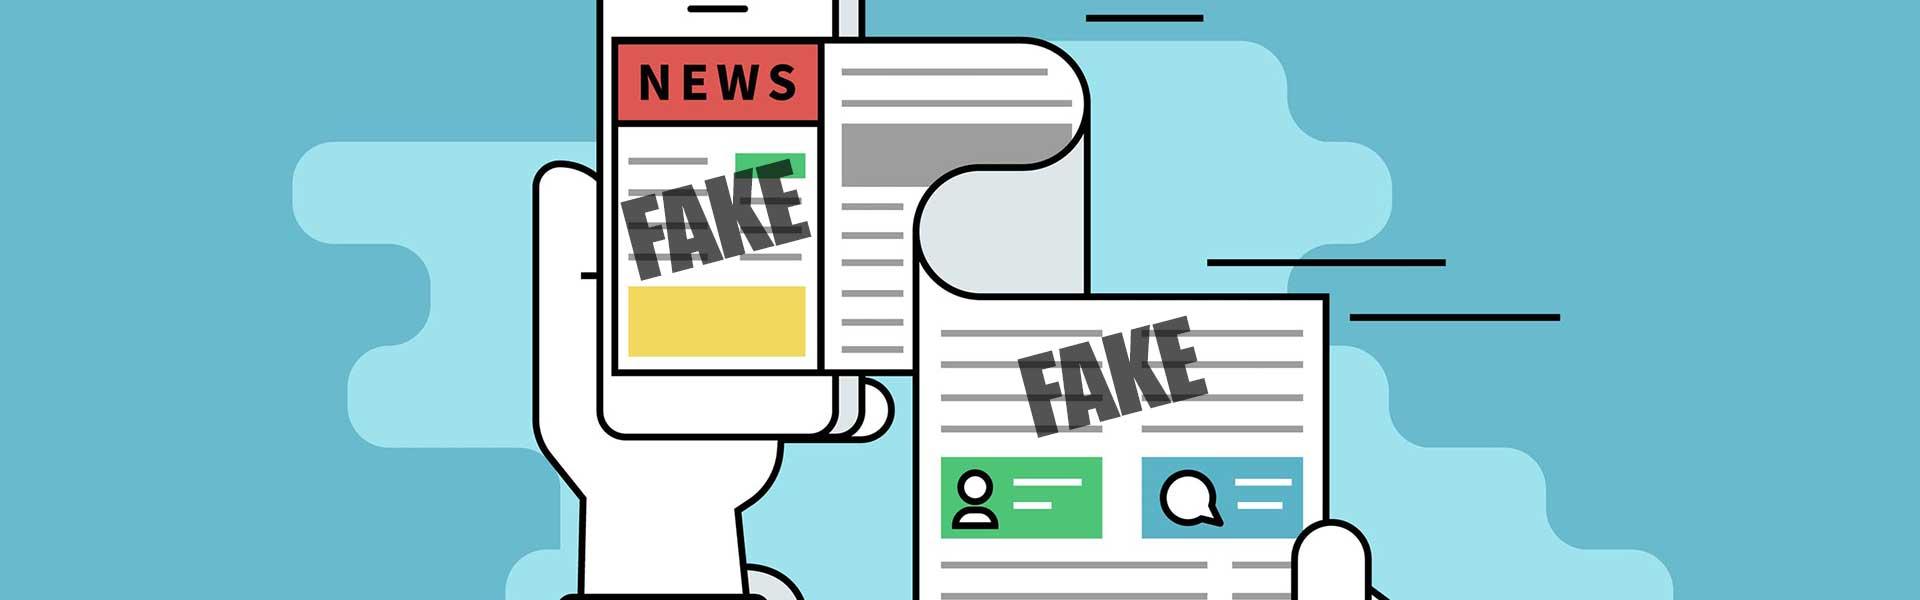 """Existe maneiras """"limpas"""" para se combater o Fake News? O Fake News está ai para ficar e a cada dia que passa fica mais preocupante para pessoas públicas, marcas, empresas e políticos os danos colaterais que podem gerar a imagem e muitas vezes anos de tradição."""